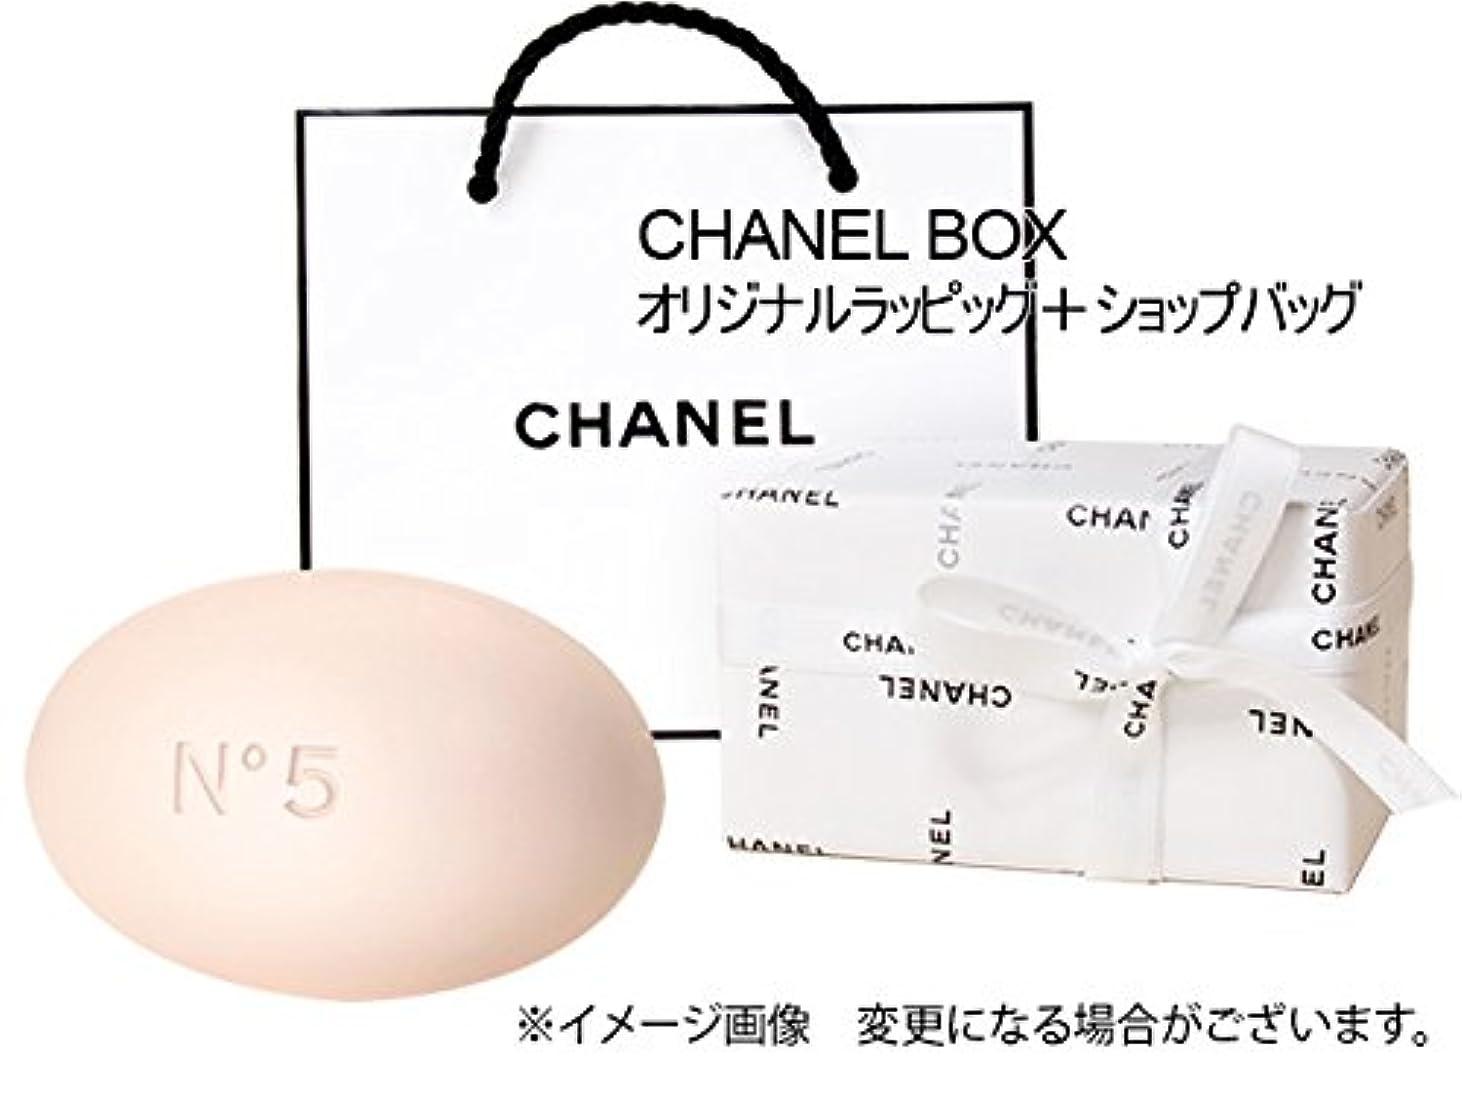 州回想ブッシュシャネル(CHANEL) N°5 サヴォン 150g CHANEL BOX オリジナルラッピング+ショップバッグ[並行輸入品]